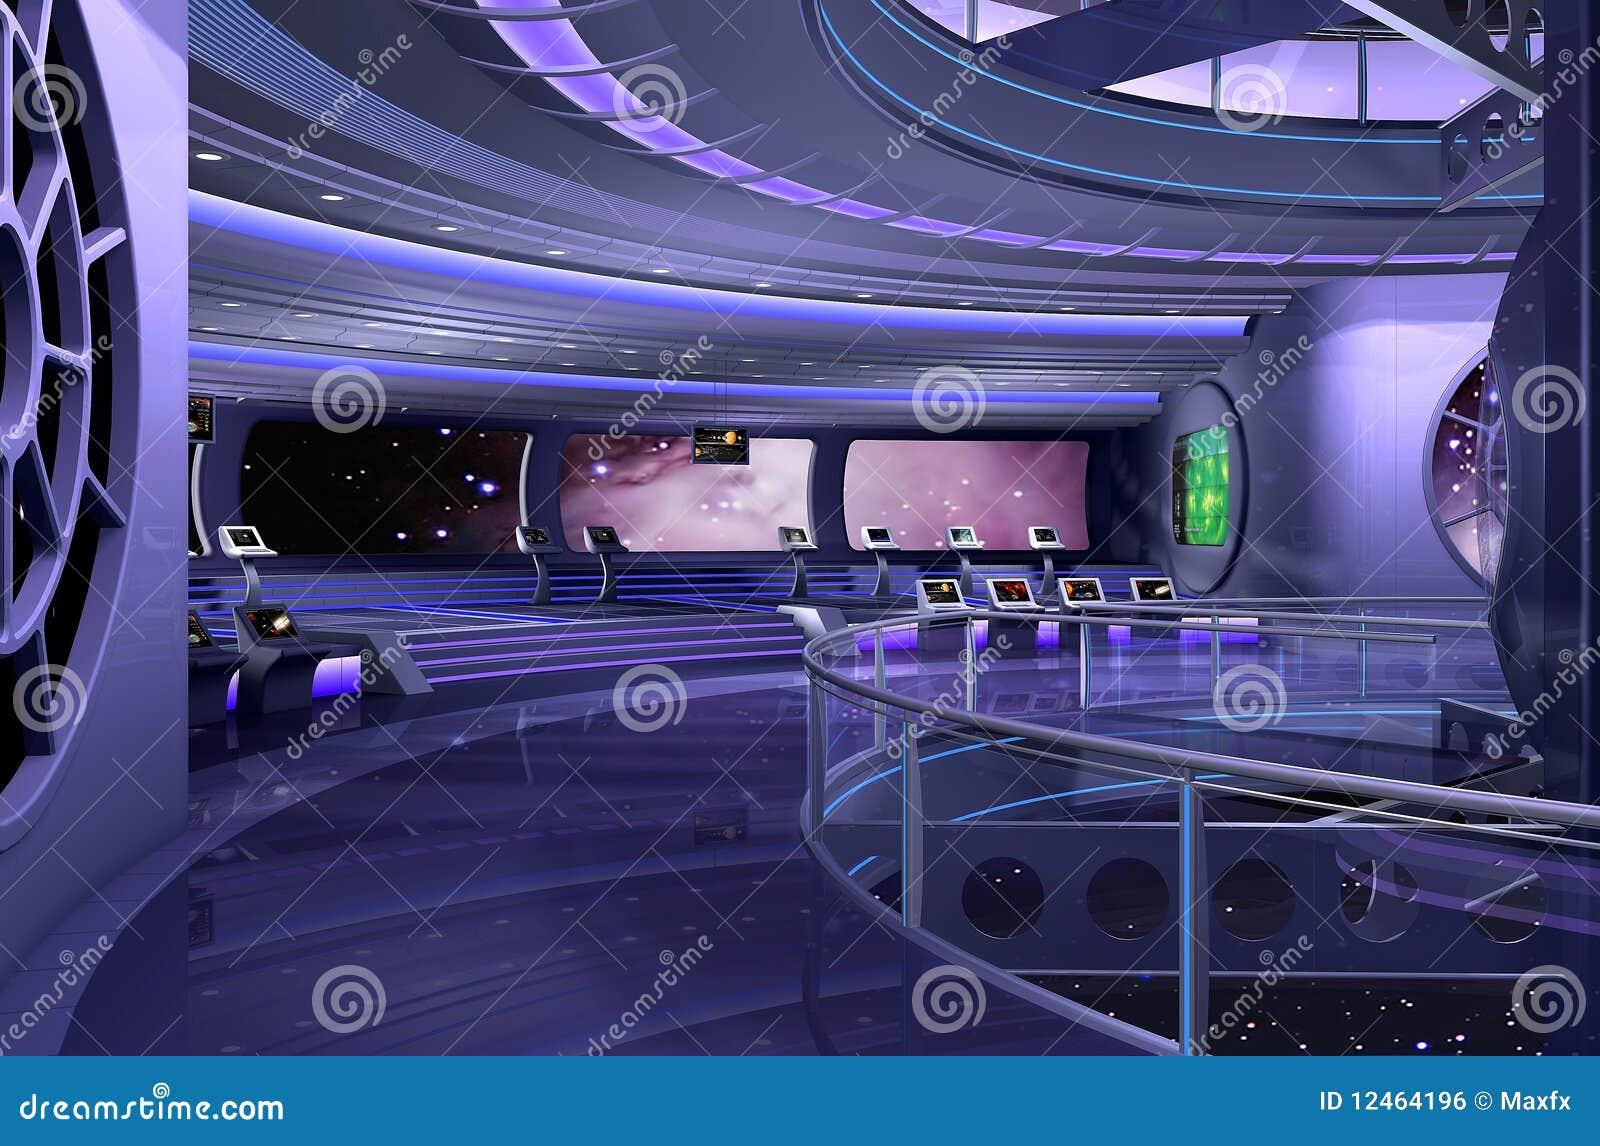 Nave espacial 3d imagem de stock royalty free imagem for Interior nave espacial